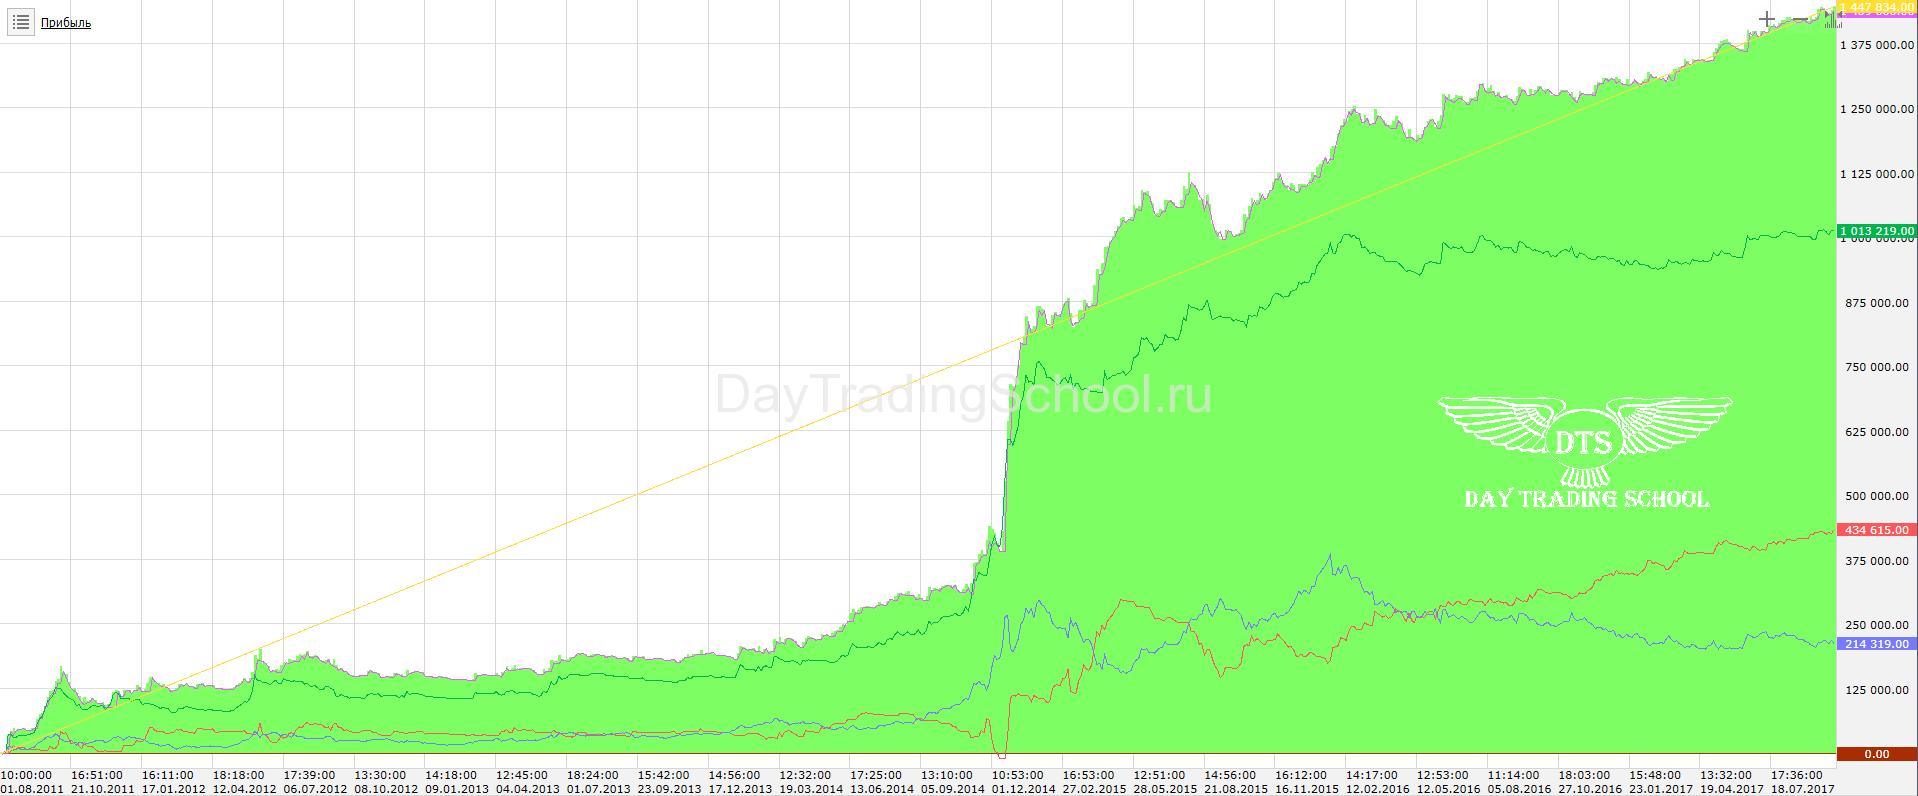 Спартак-доход-2011-2017